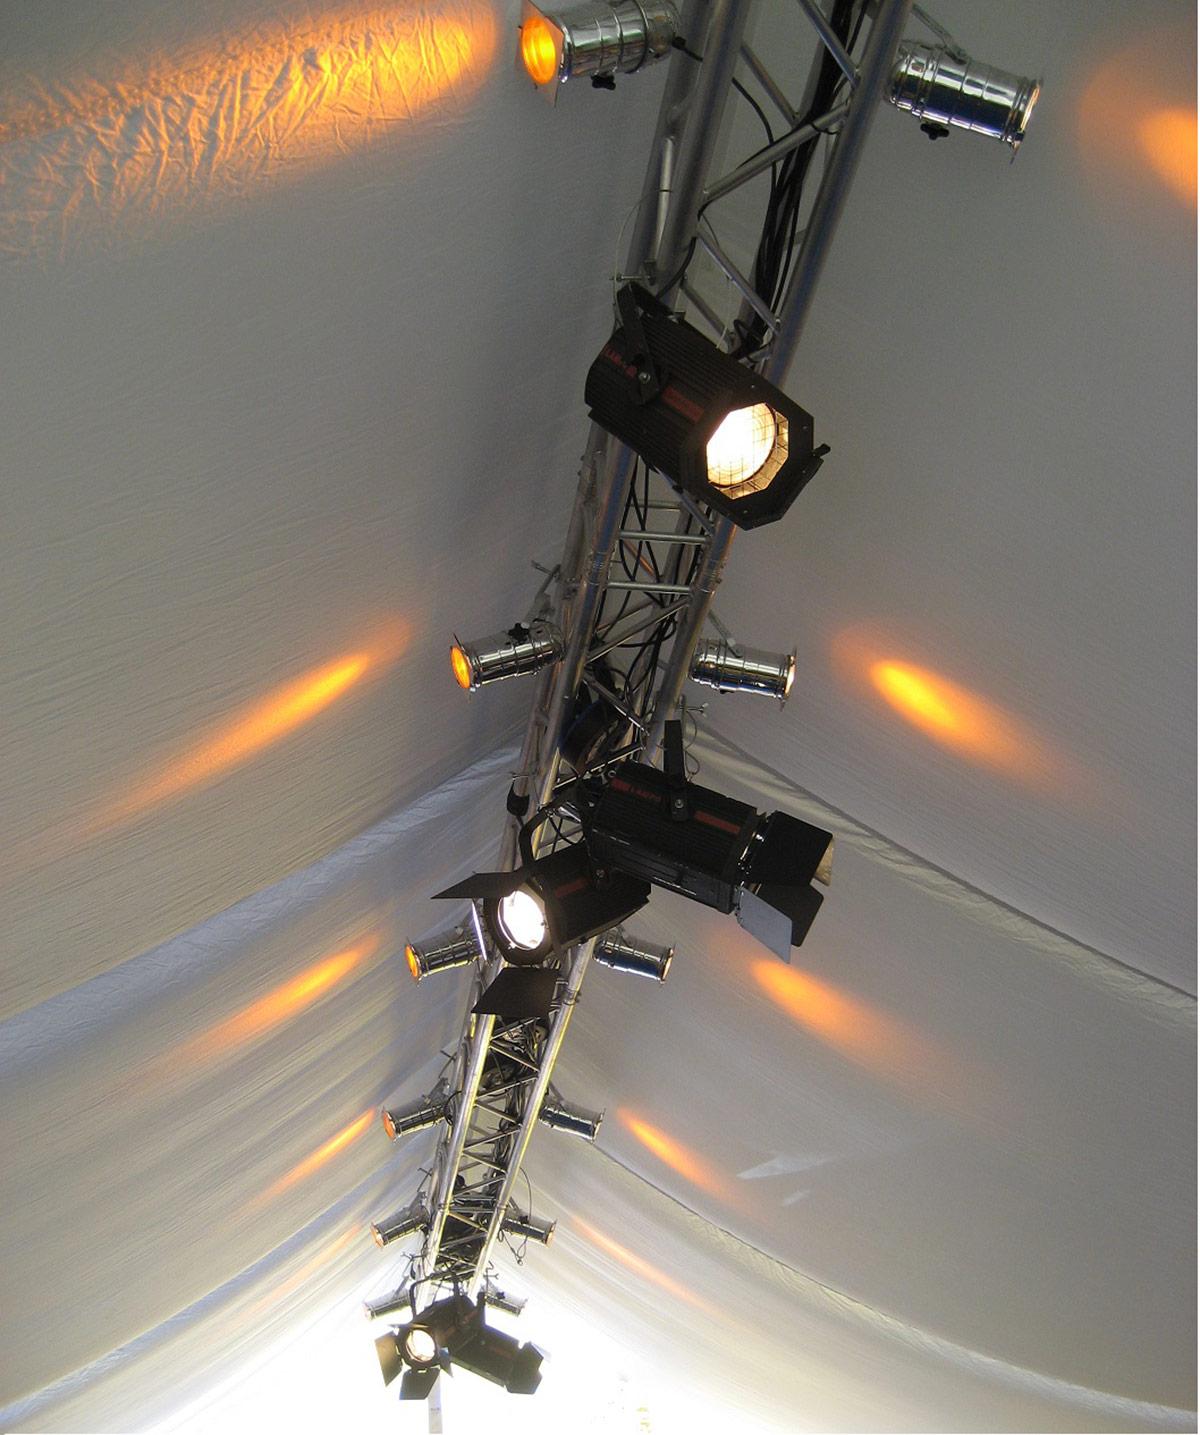 a1-zeltverleih-beleuchtung-Bild-034